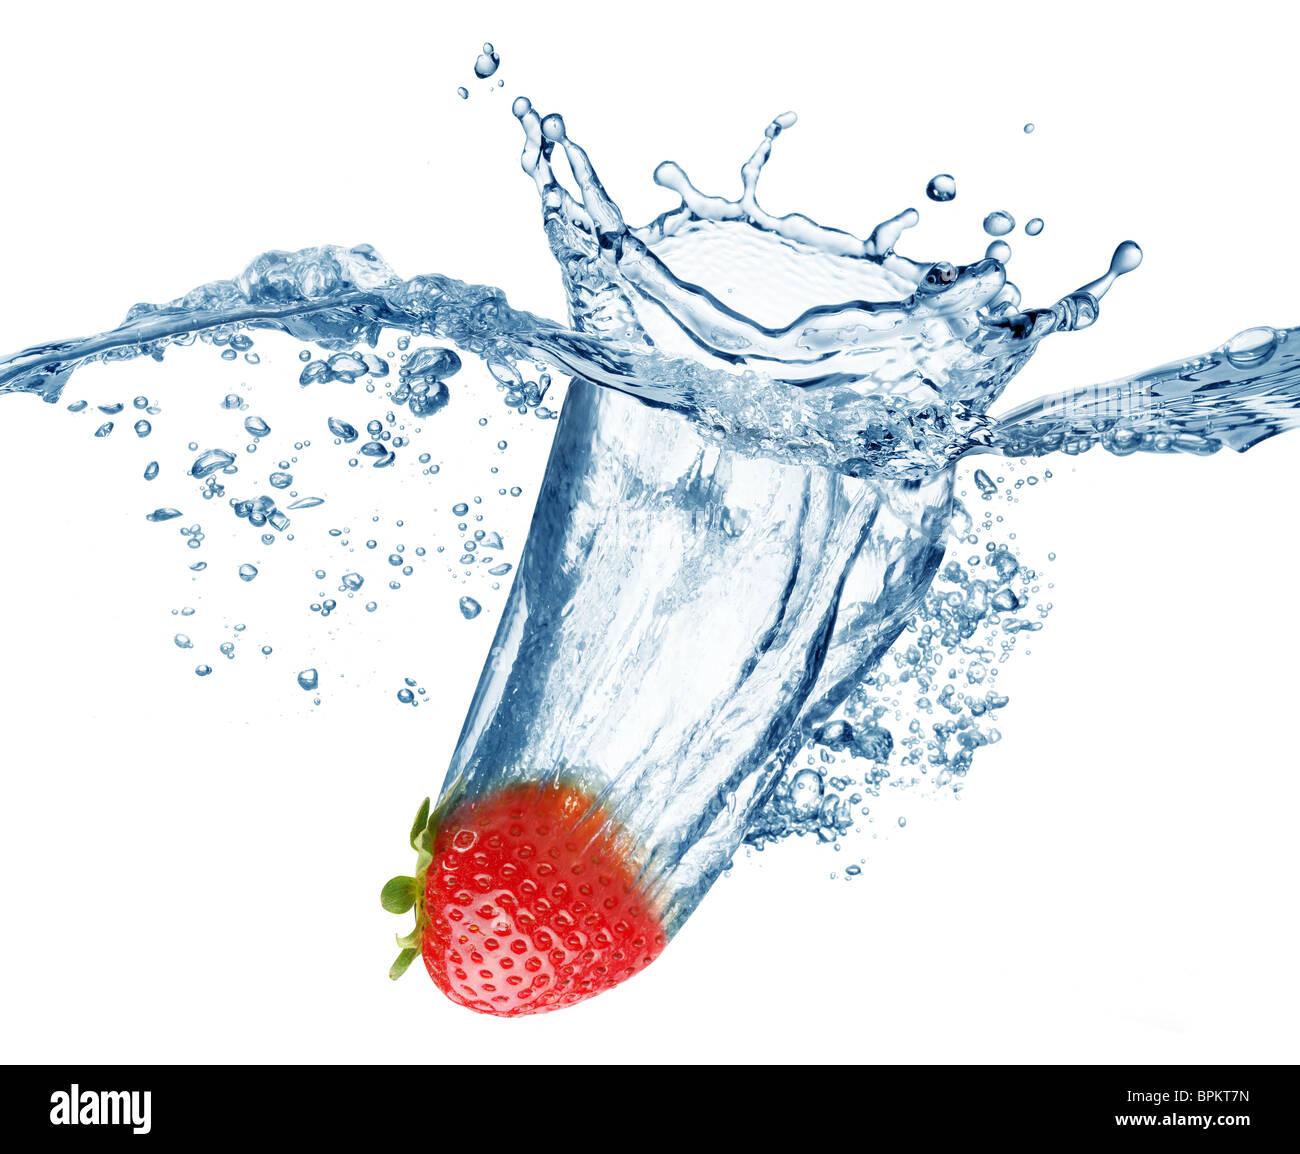 Erdbeere fällt tief unter Wasser mit einem big Splash. Stockbild